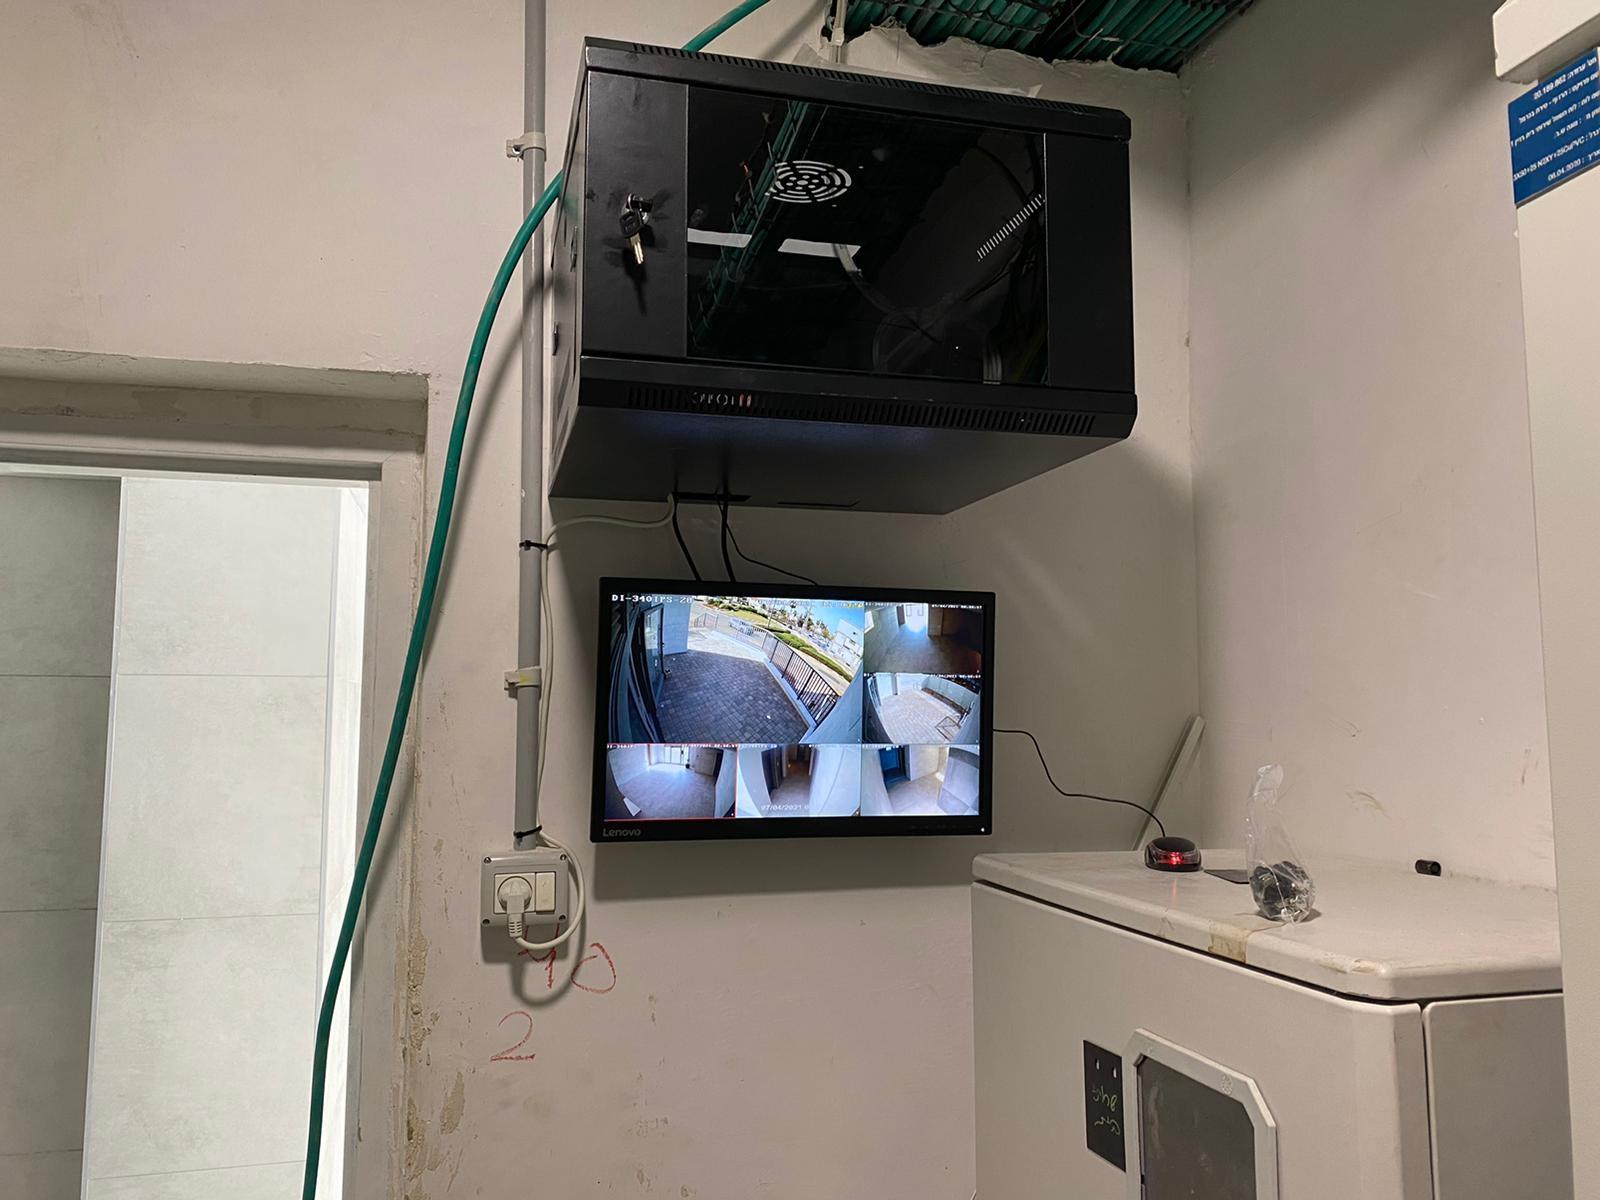 התקנת מצלמות אבטחה בביניין משותף